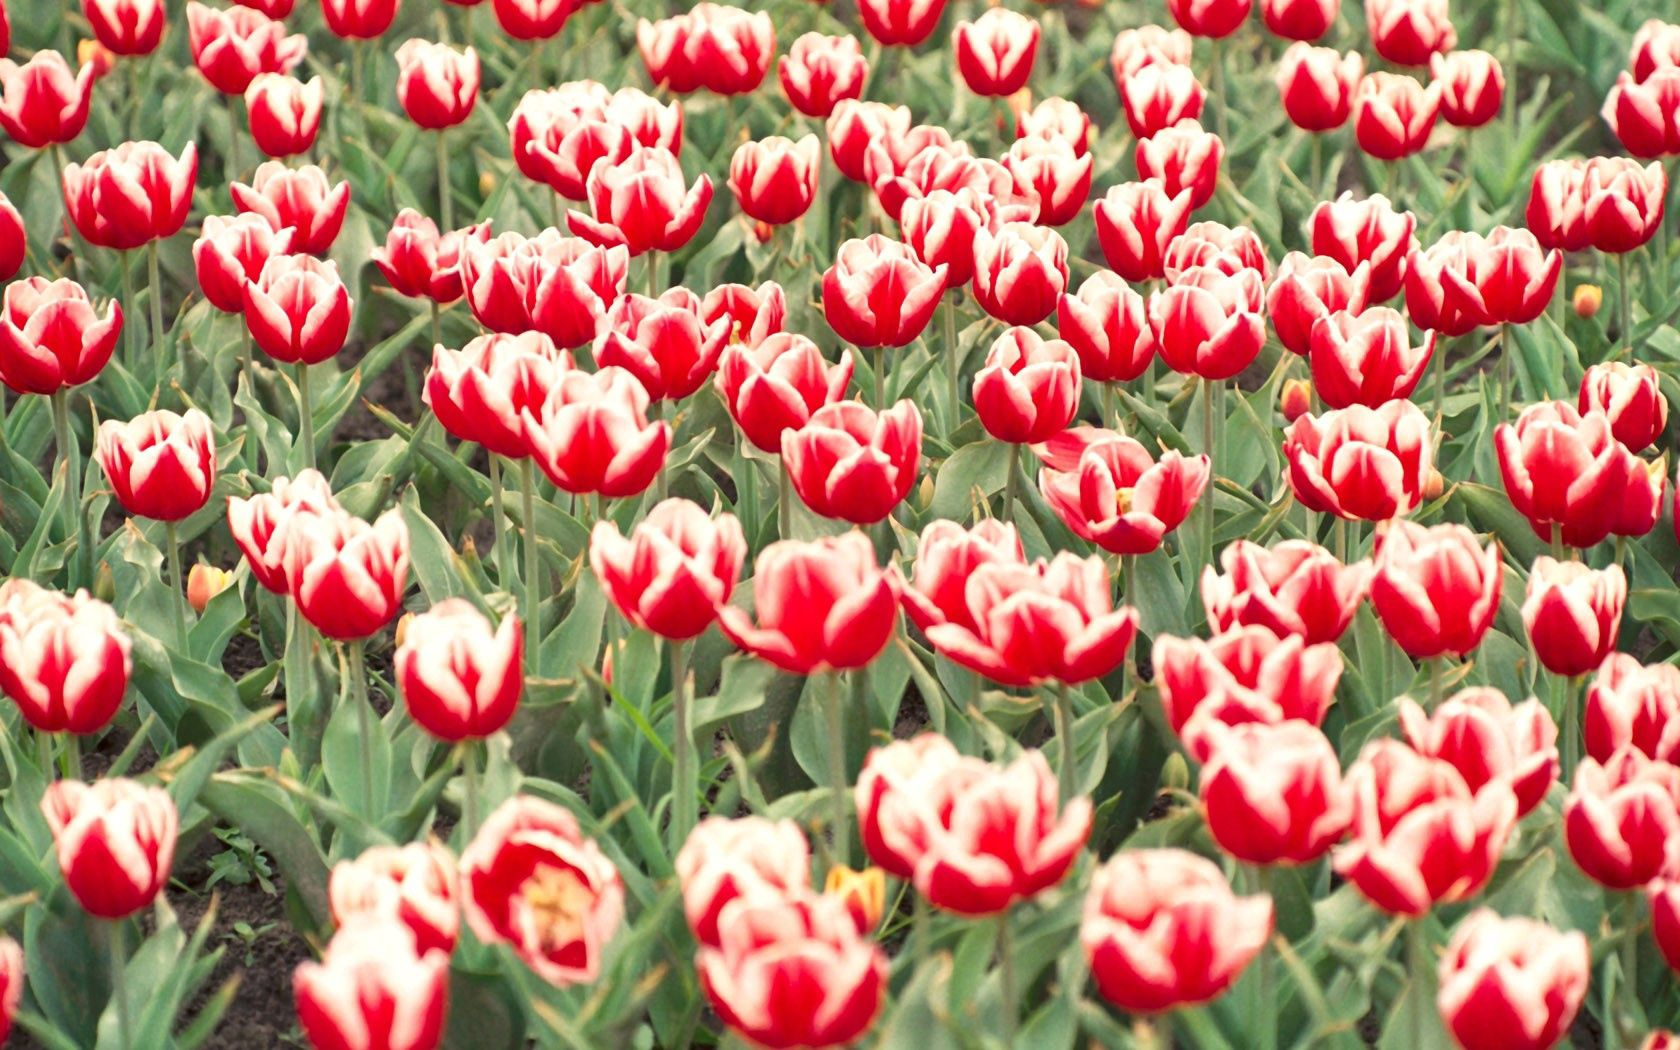 156320 скачать обои Цветы, Клумба, Пестрые, Зелень, Тюльпаны - заставки и картинки бесплатно